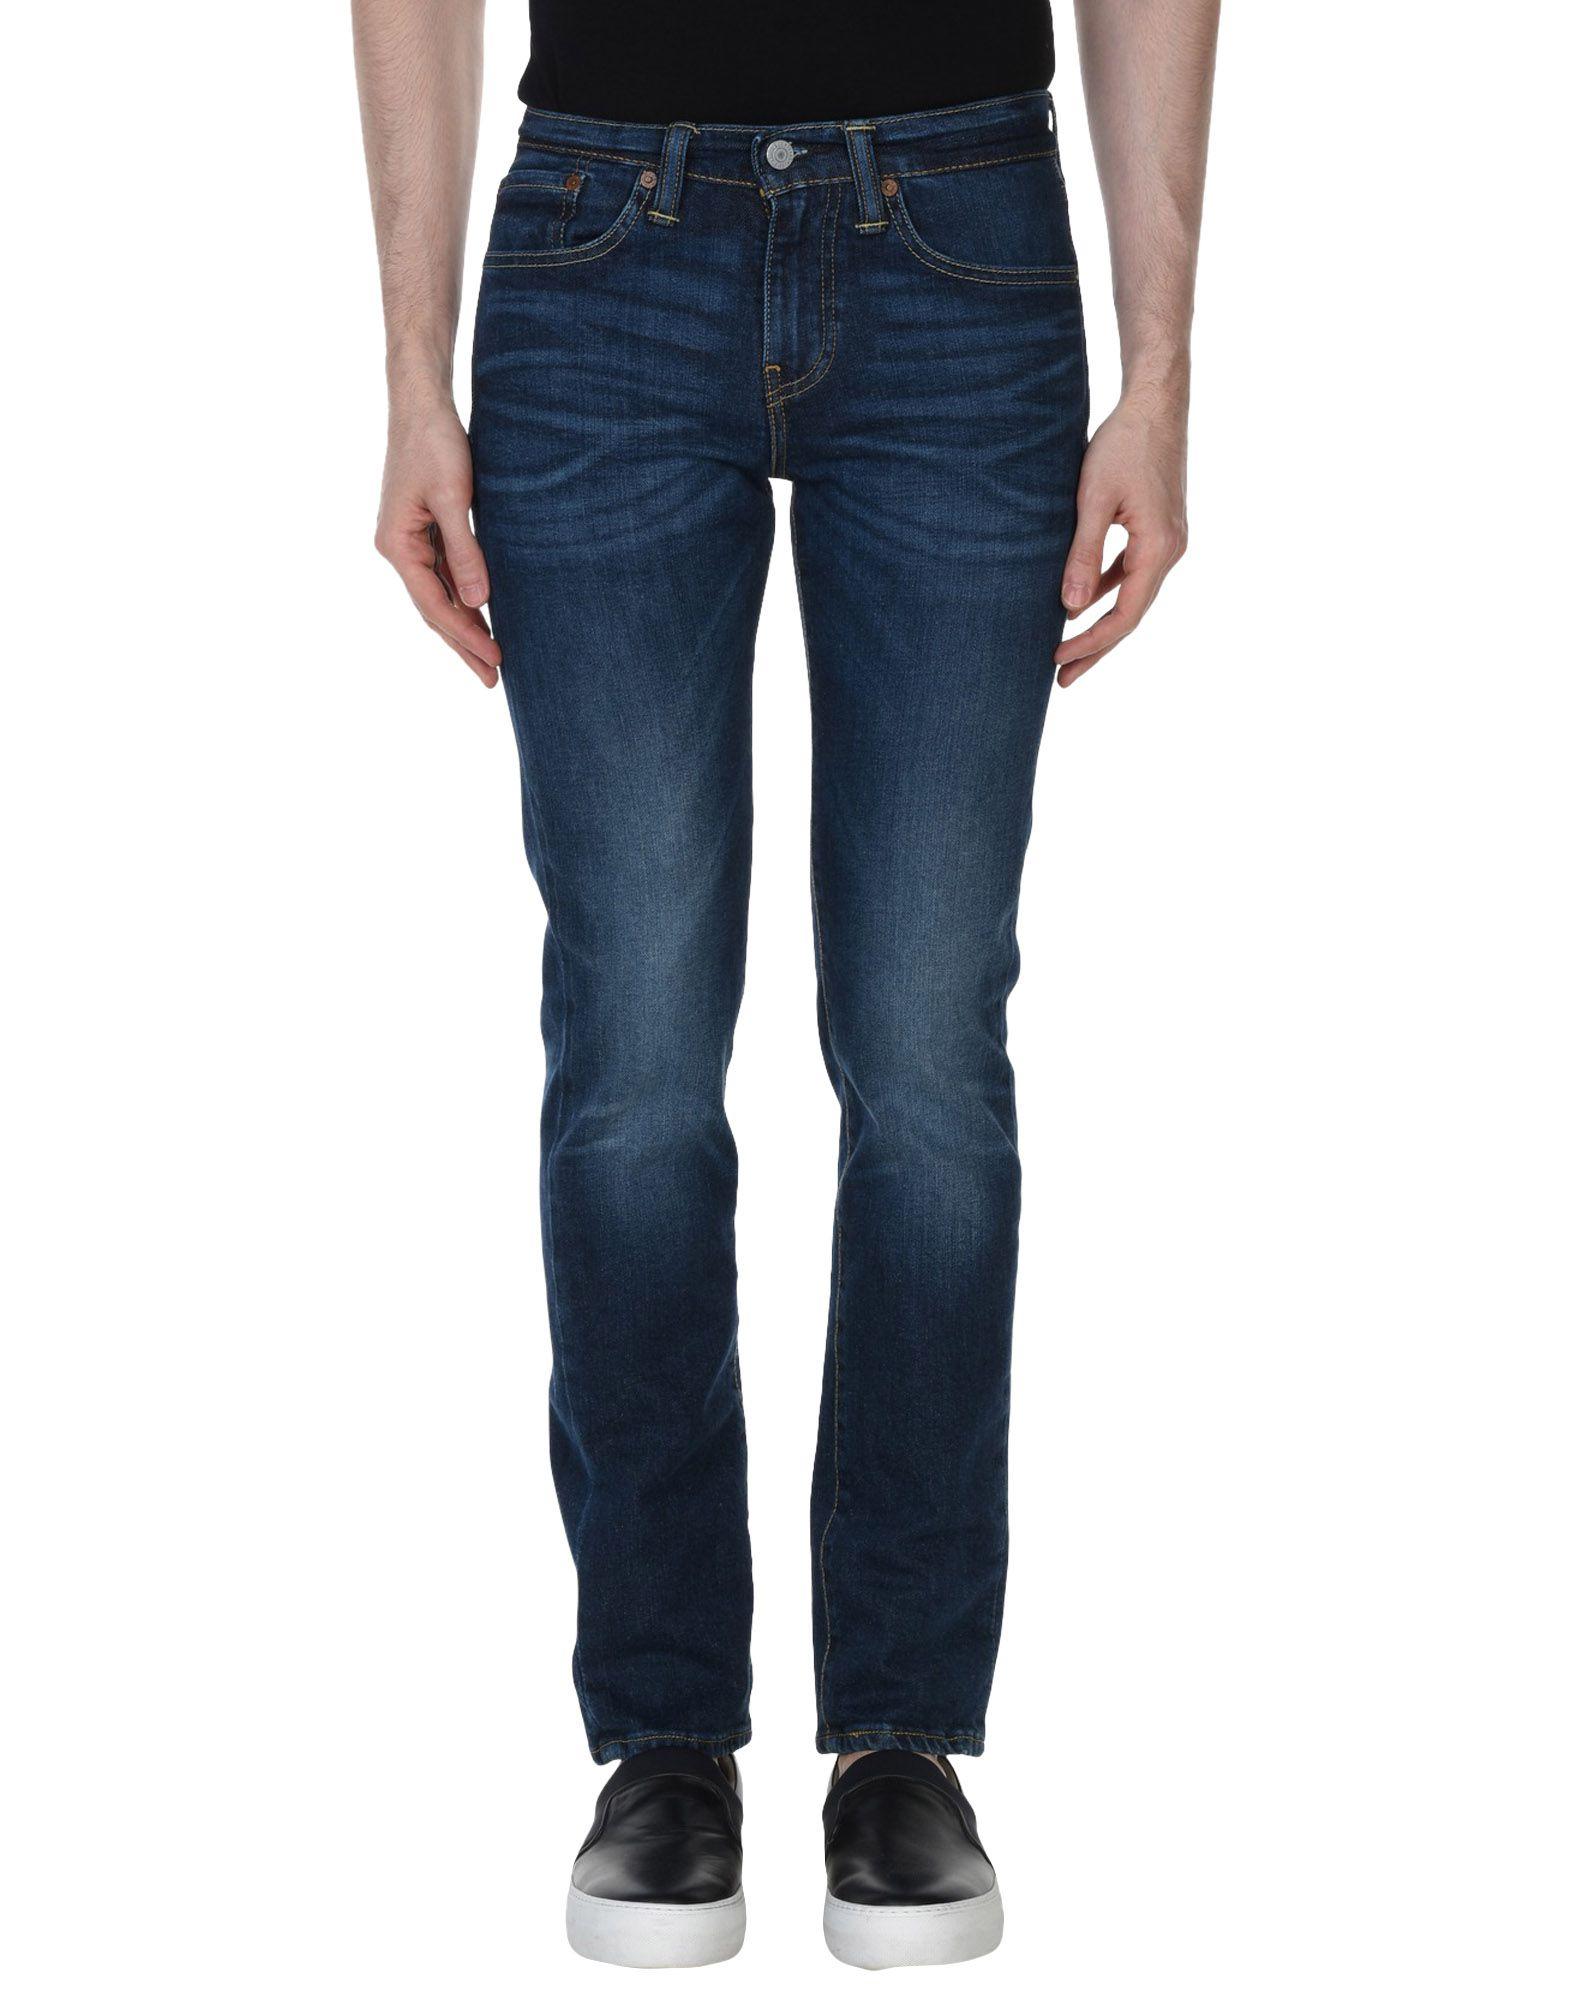 《セール開催中》LEVI' S メンズ ジーンズ ブルー 28W-32L コットン 93% / ポリエステル 4% / ポリエチレン 2% / ポリウレタン 1%